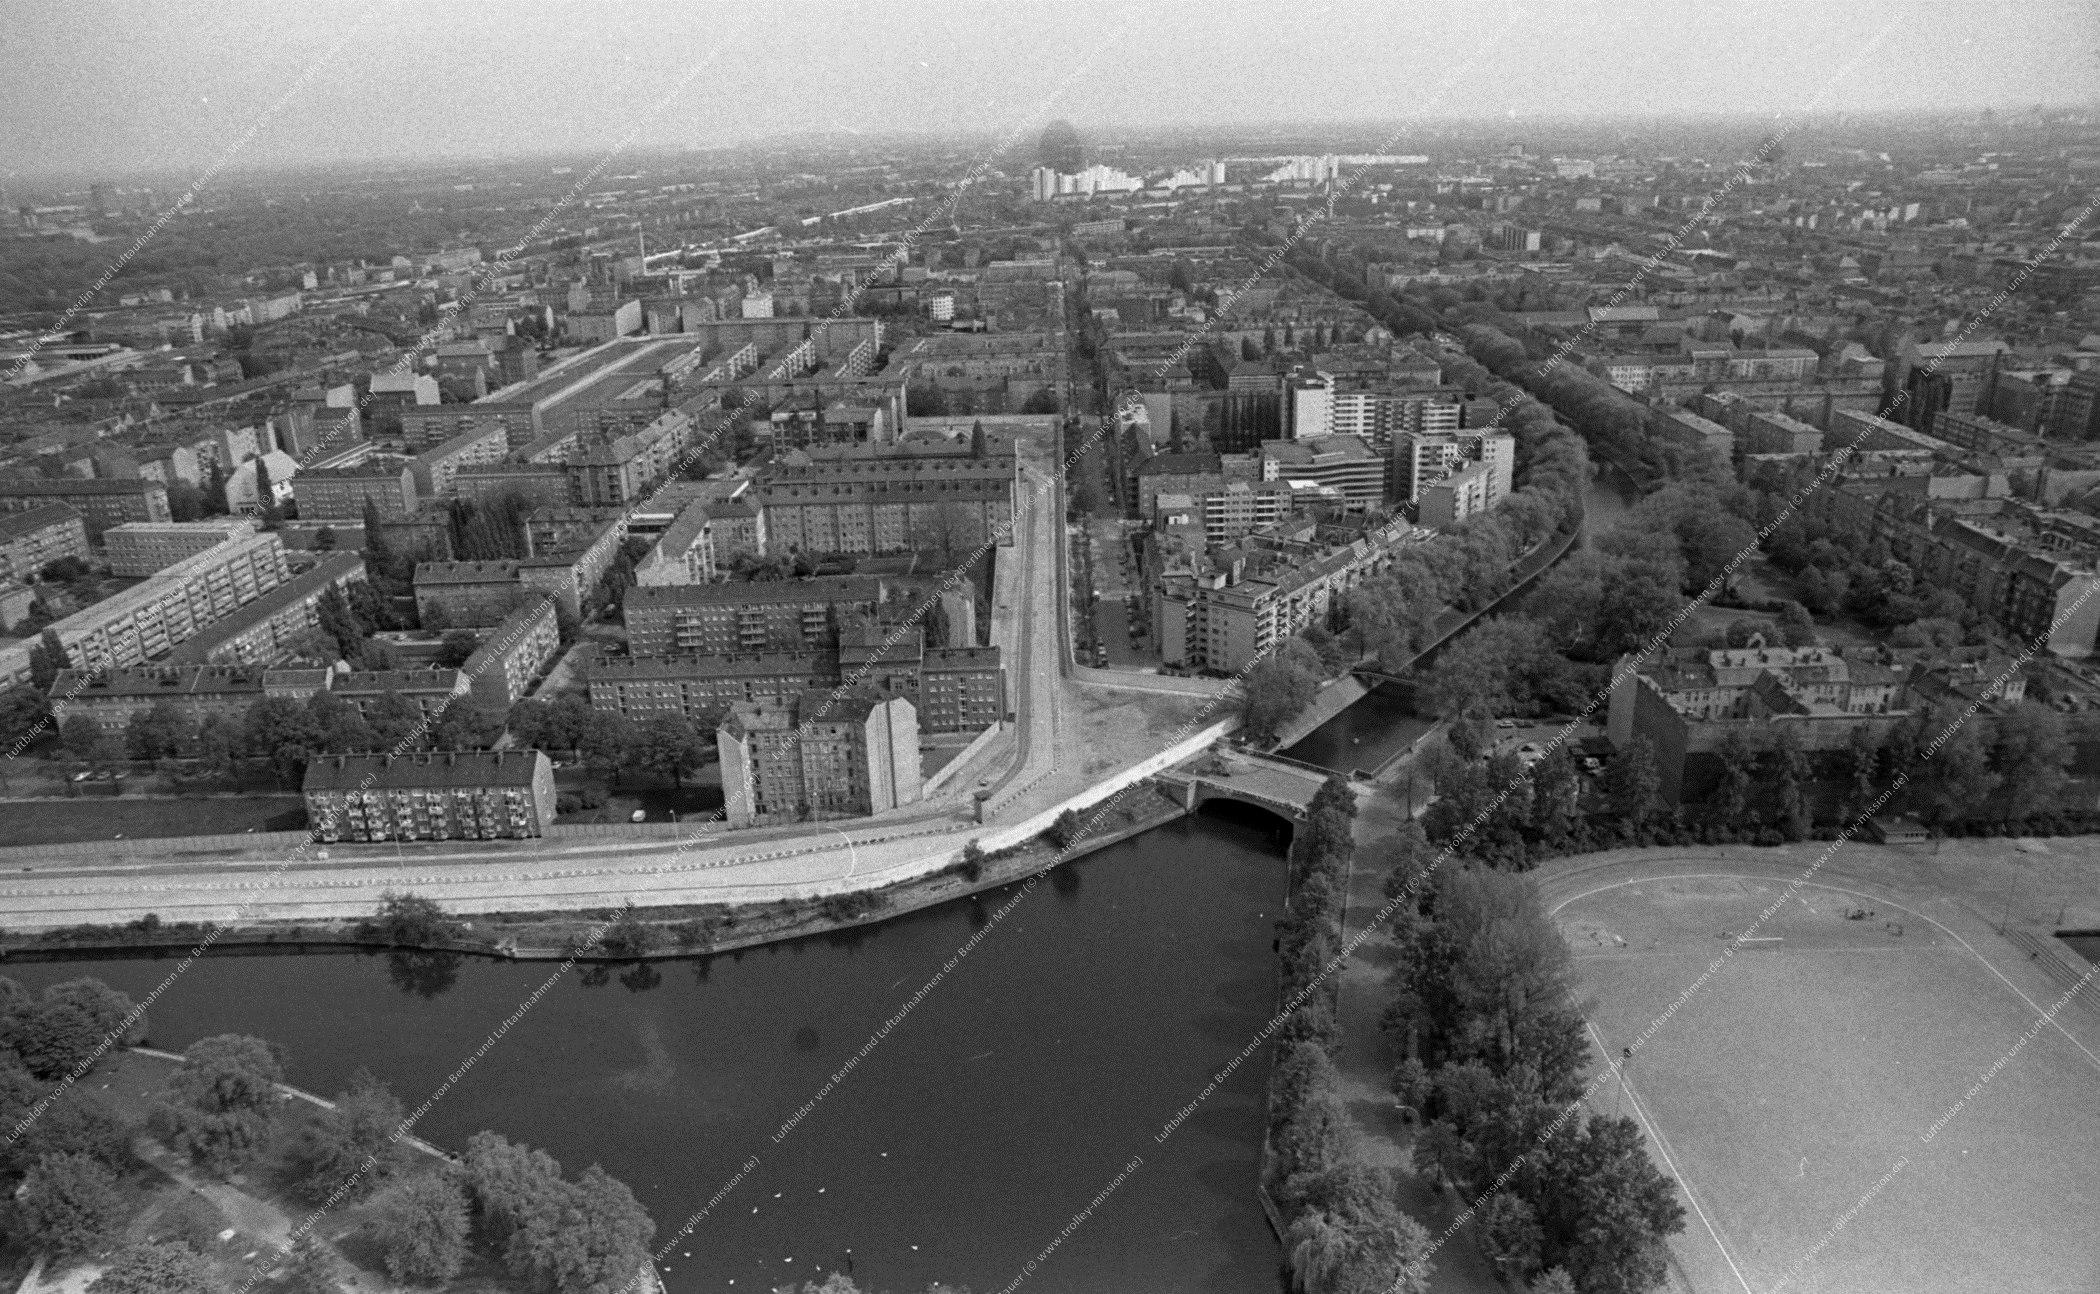 Berlin Luftbild Sportplatz Maybachufer und Lohmühlenbrücke über den Neuköllner Schiffahrtskanal vom 12. Mai 1982 (Bild 065)